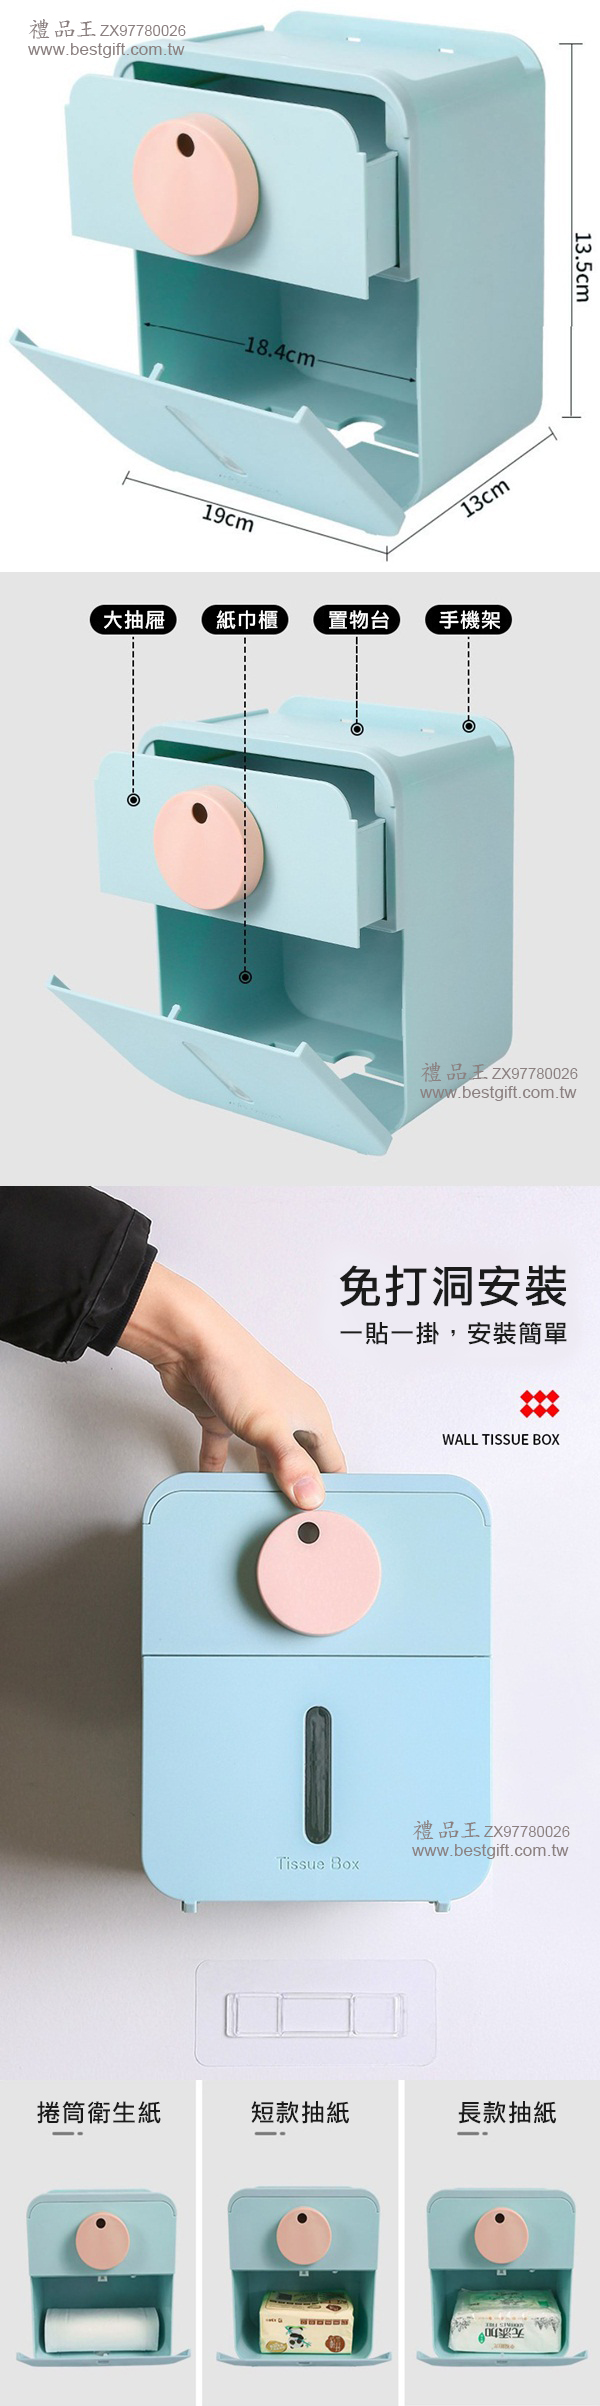 馬卡龍紙巾盒  商品貨號: ZX97780026